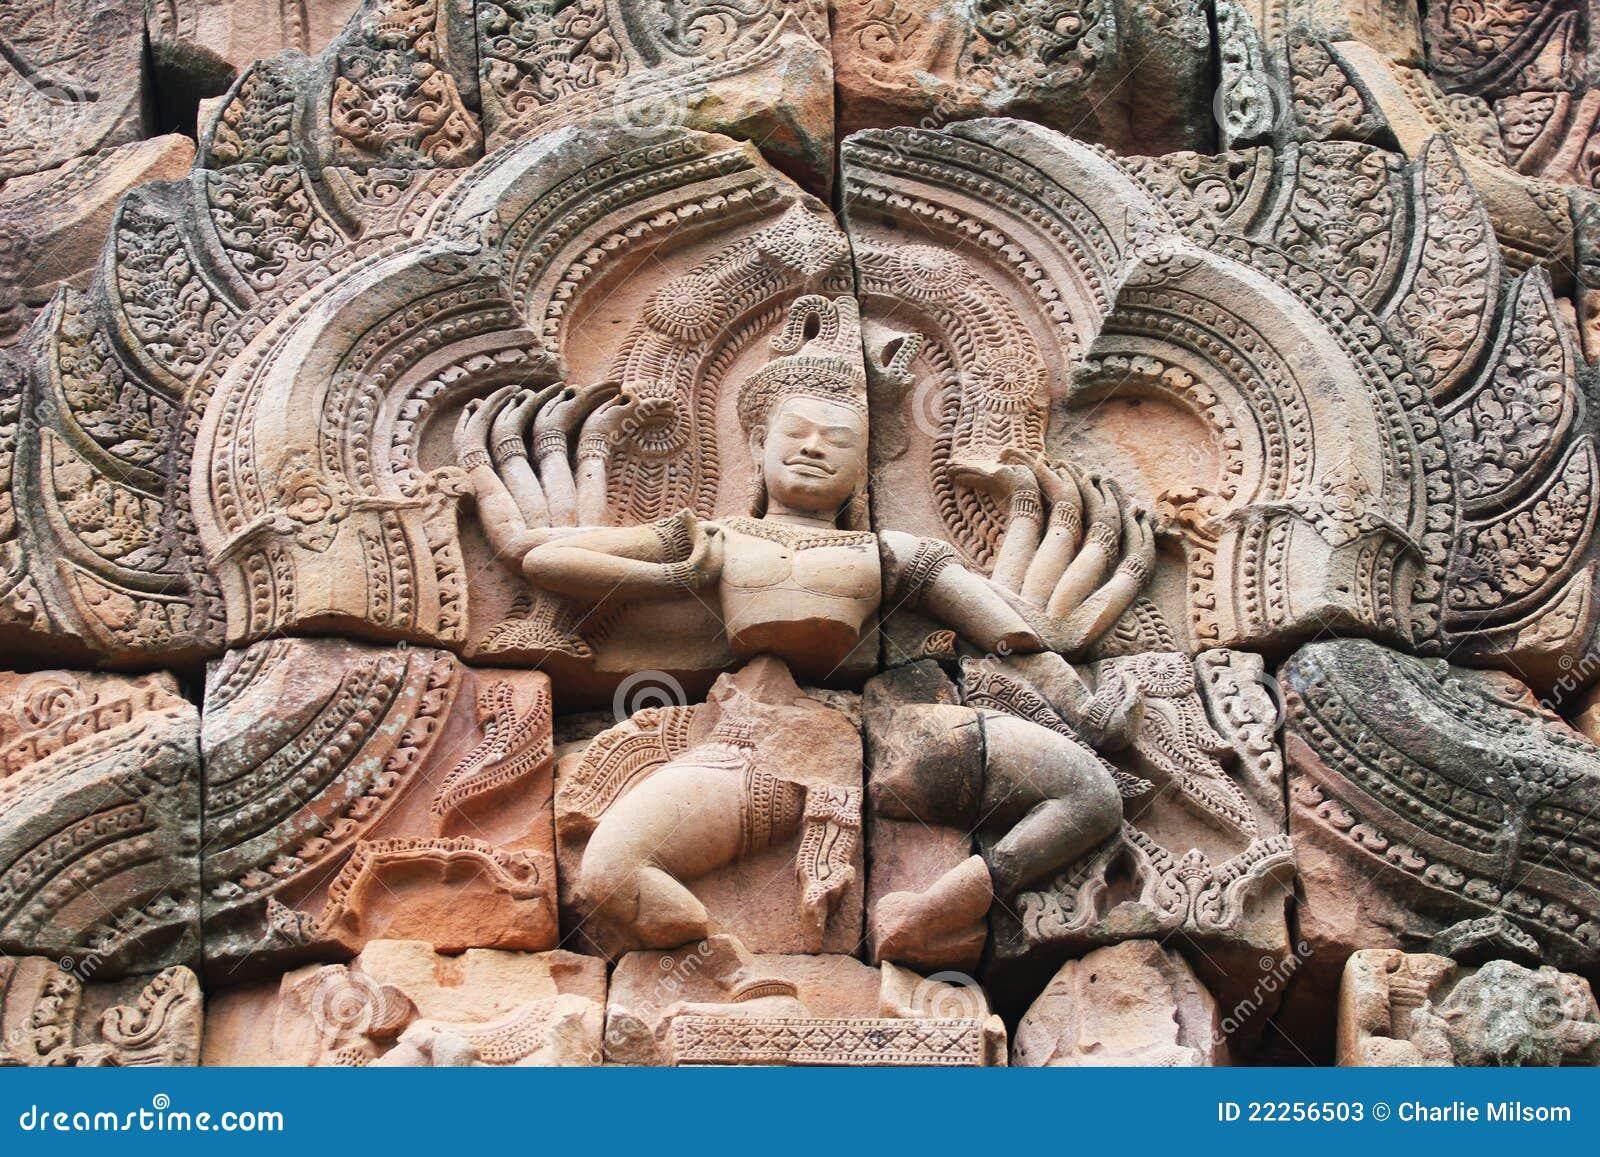 Temple on the Cambodia border.